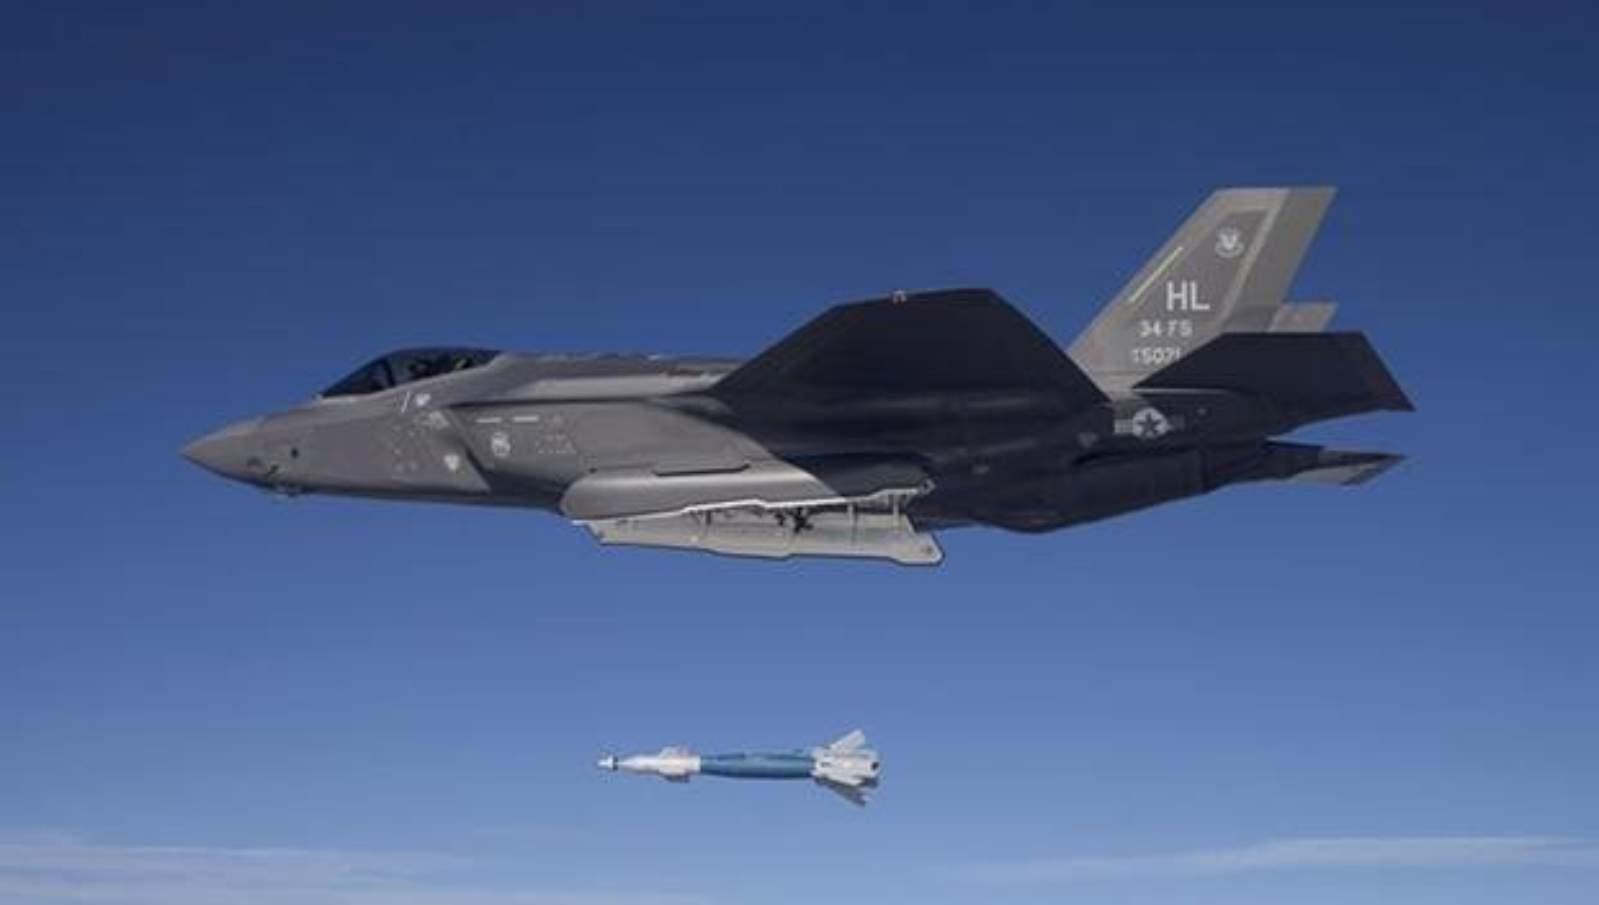 Turki mengatakan tidak ada penundaan dalam mendapatkan jet tempur F-35